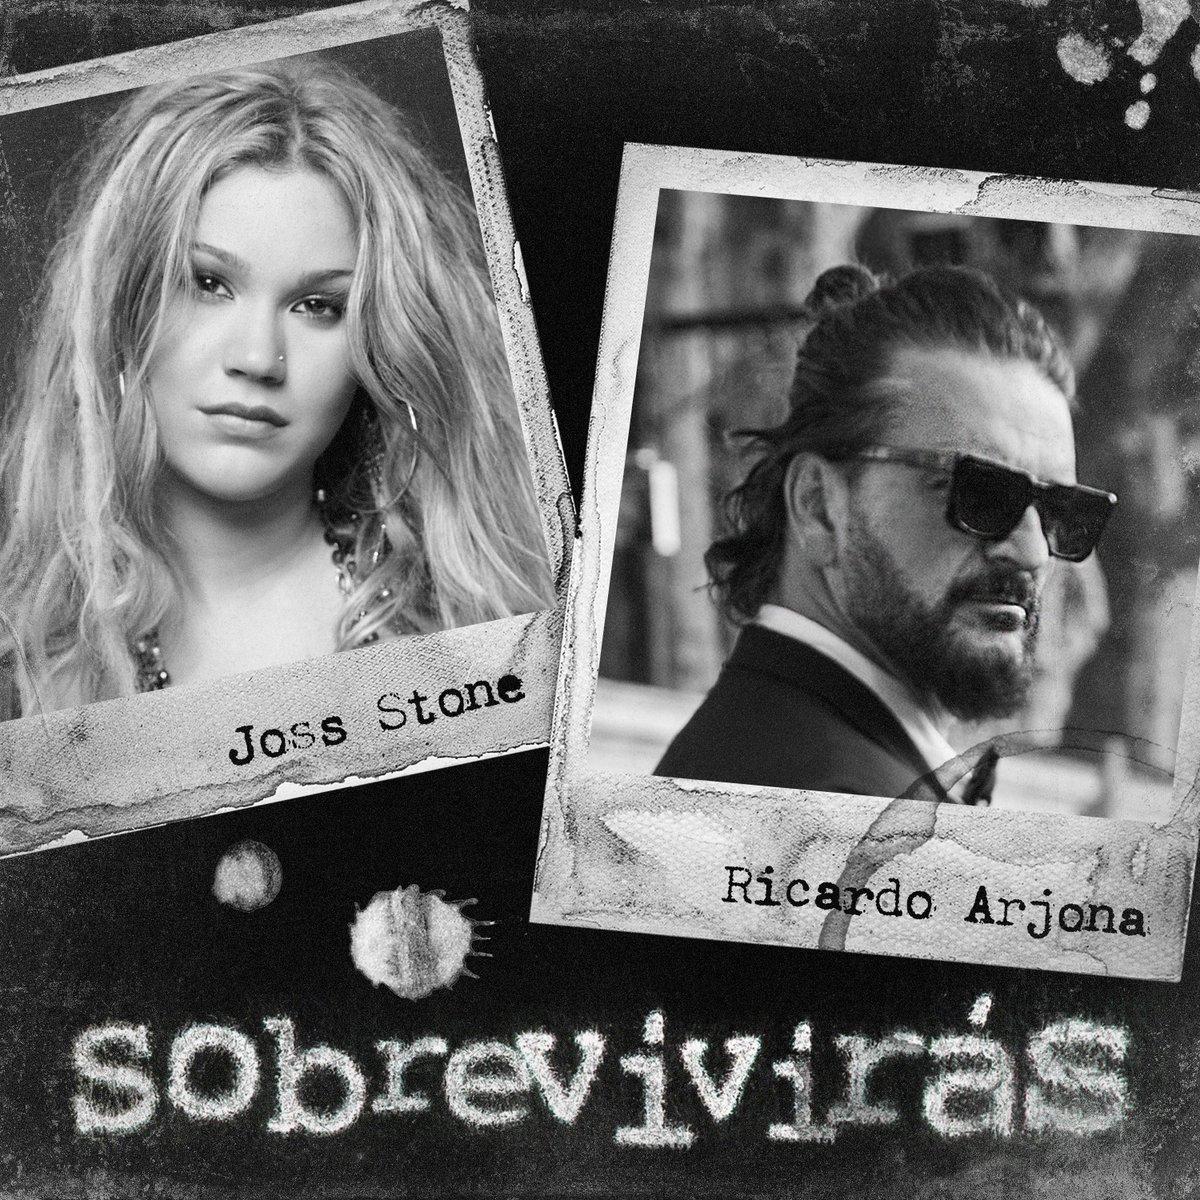 """.@Ricardo_Arjona estrenó álbum. """"Covers, Demos y Otras Travesuras de Blanco"""". Incluye """"Sobrevivirás"""", junto a @JossStone, single que te presentamos en el podcast #NuevaMúsica en tu radio."""